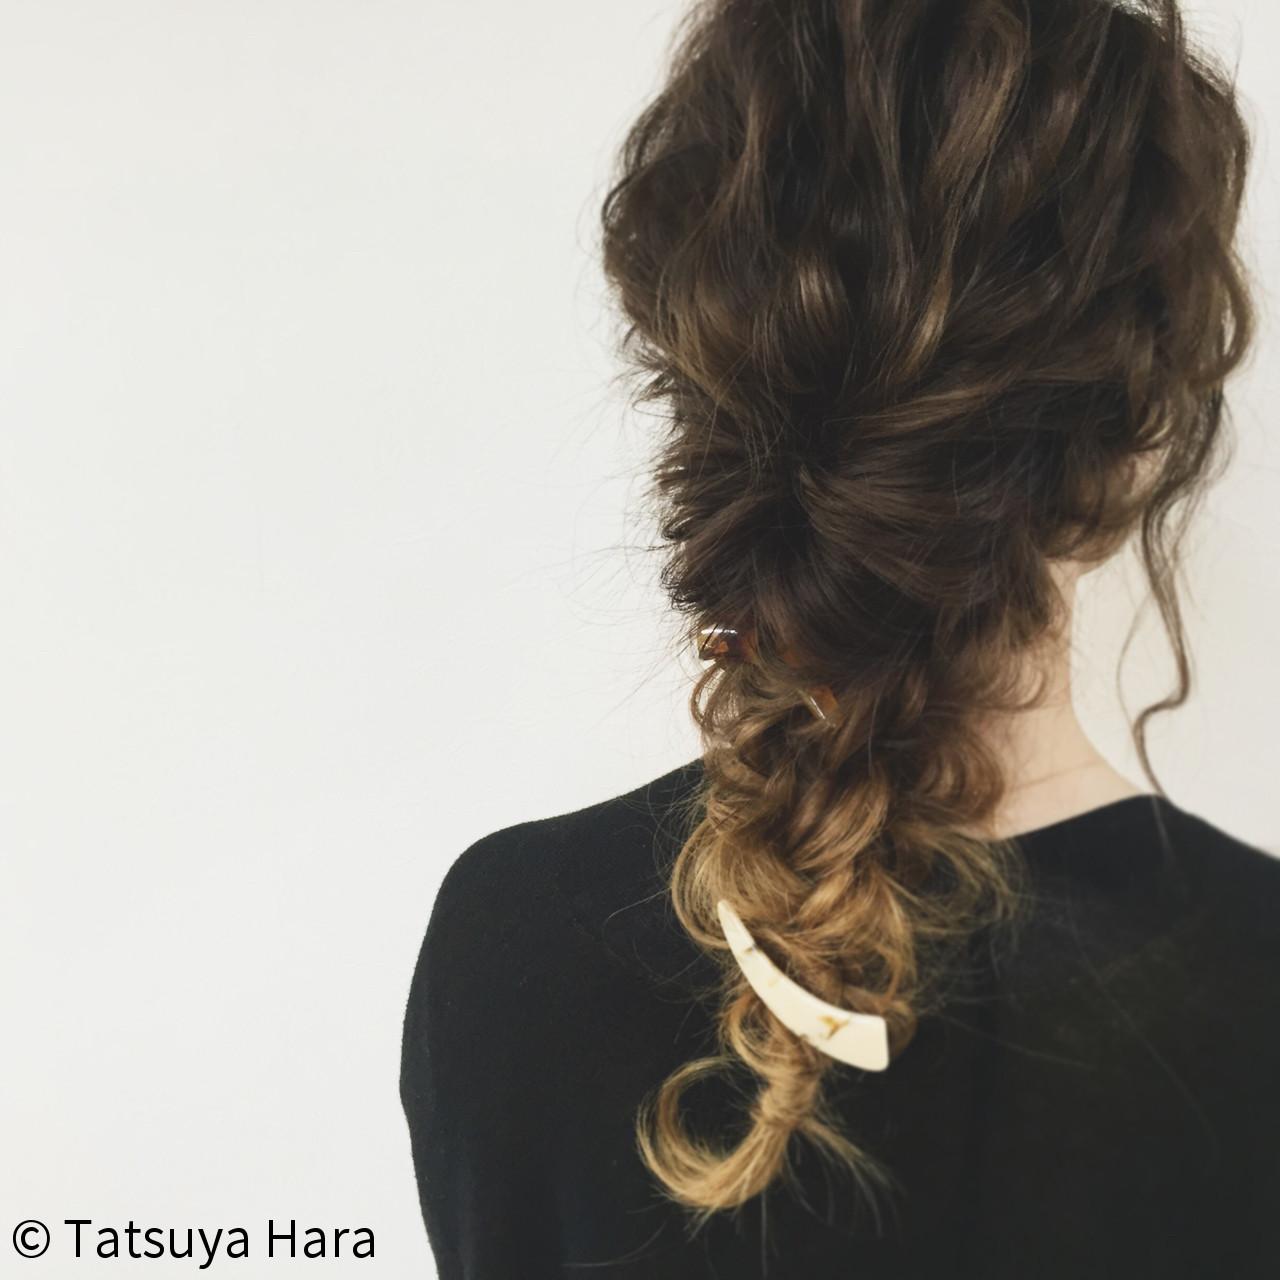 グラデーションカラー 簡単ヘアアレンジ ヘアアレンジ ショート ヘアスタイルや髪型の写真・画像 | Tatsuya Hara / Corte